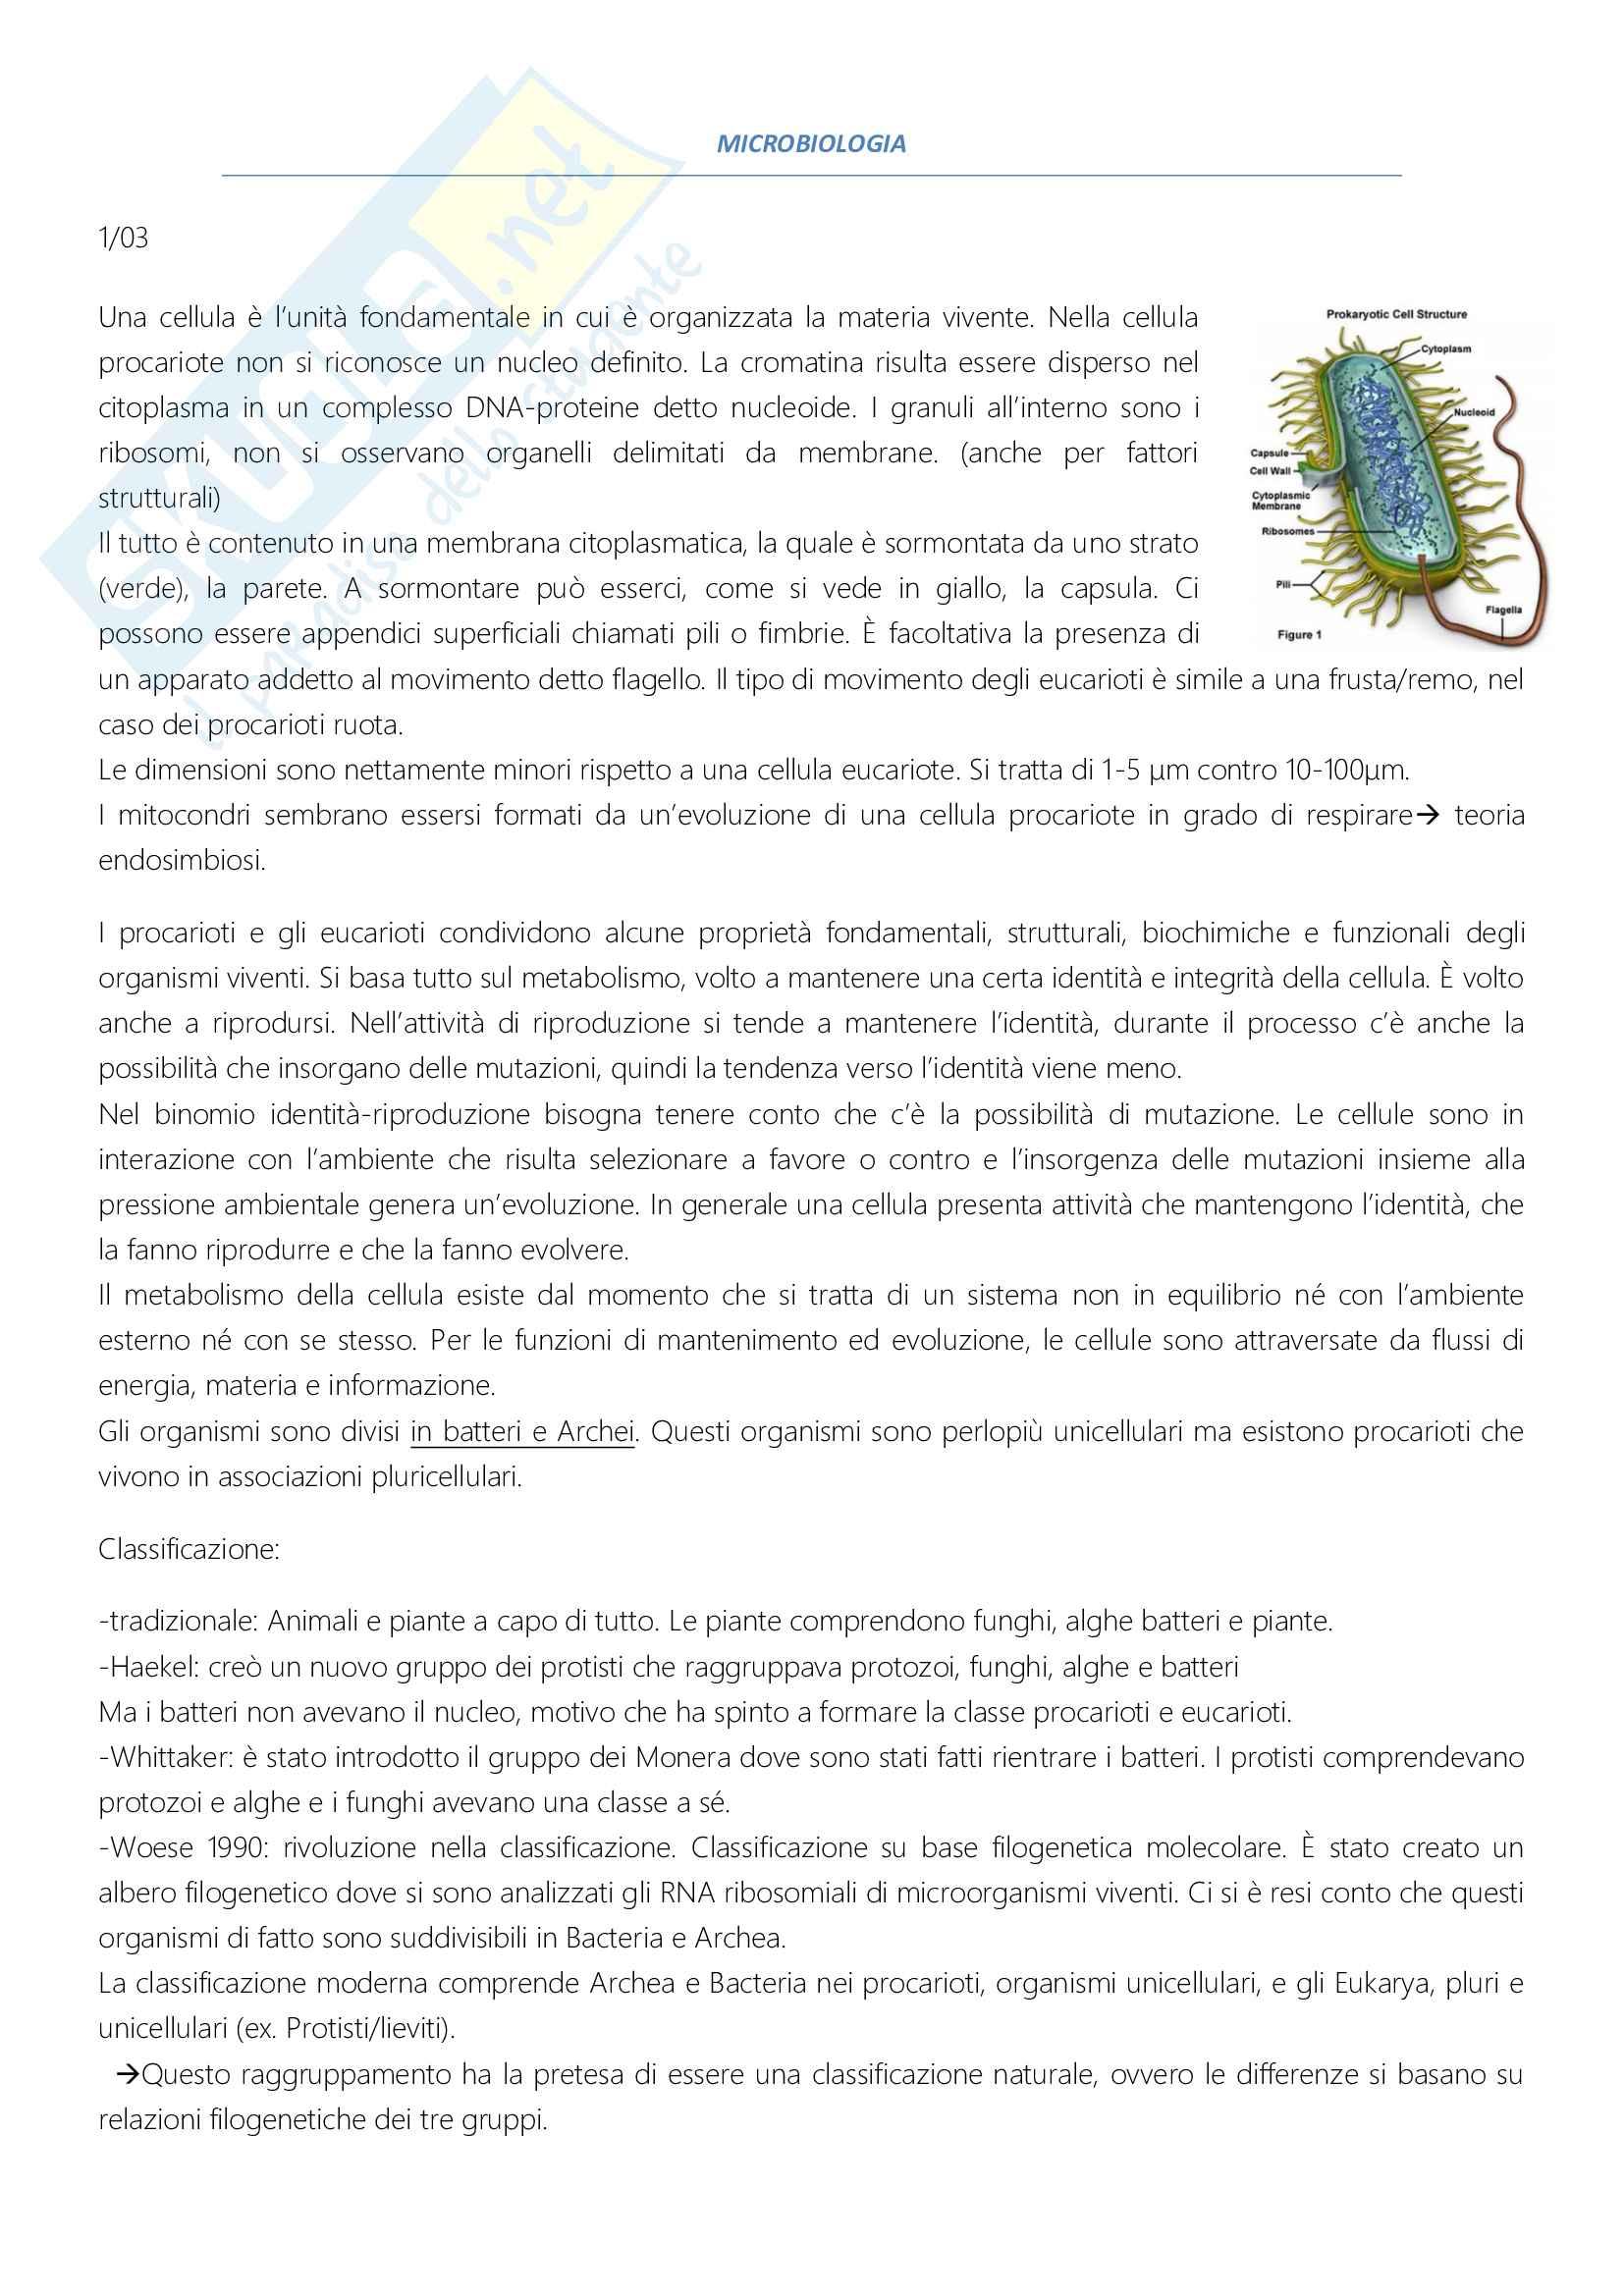 Appunti presi a lezione di microbiologia